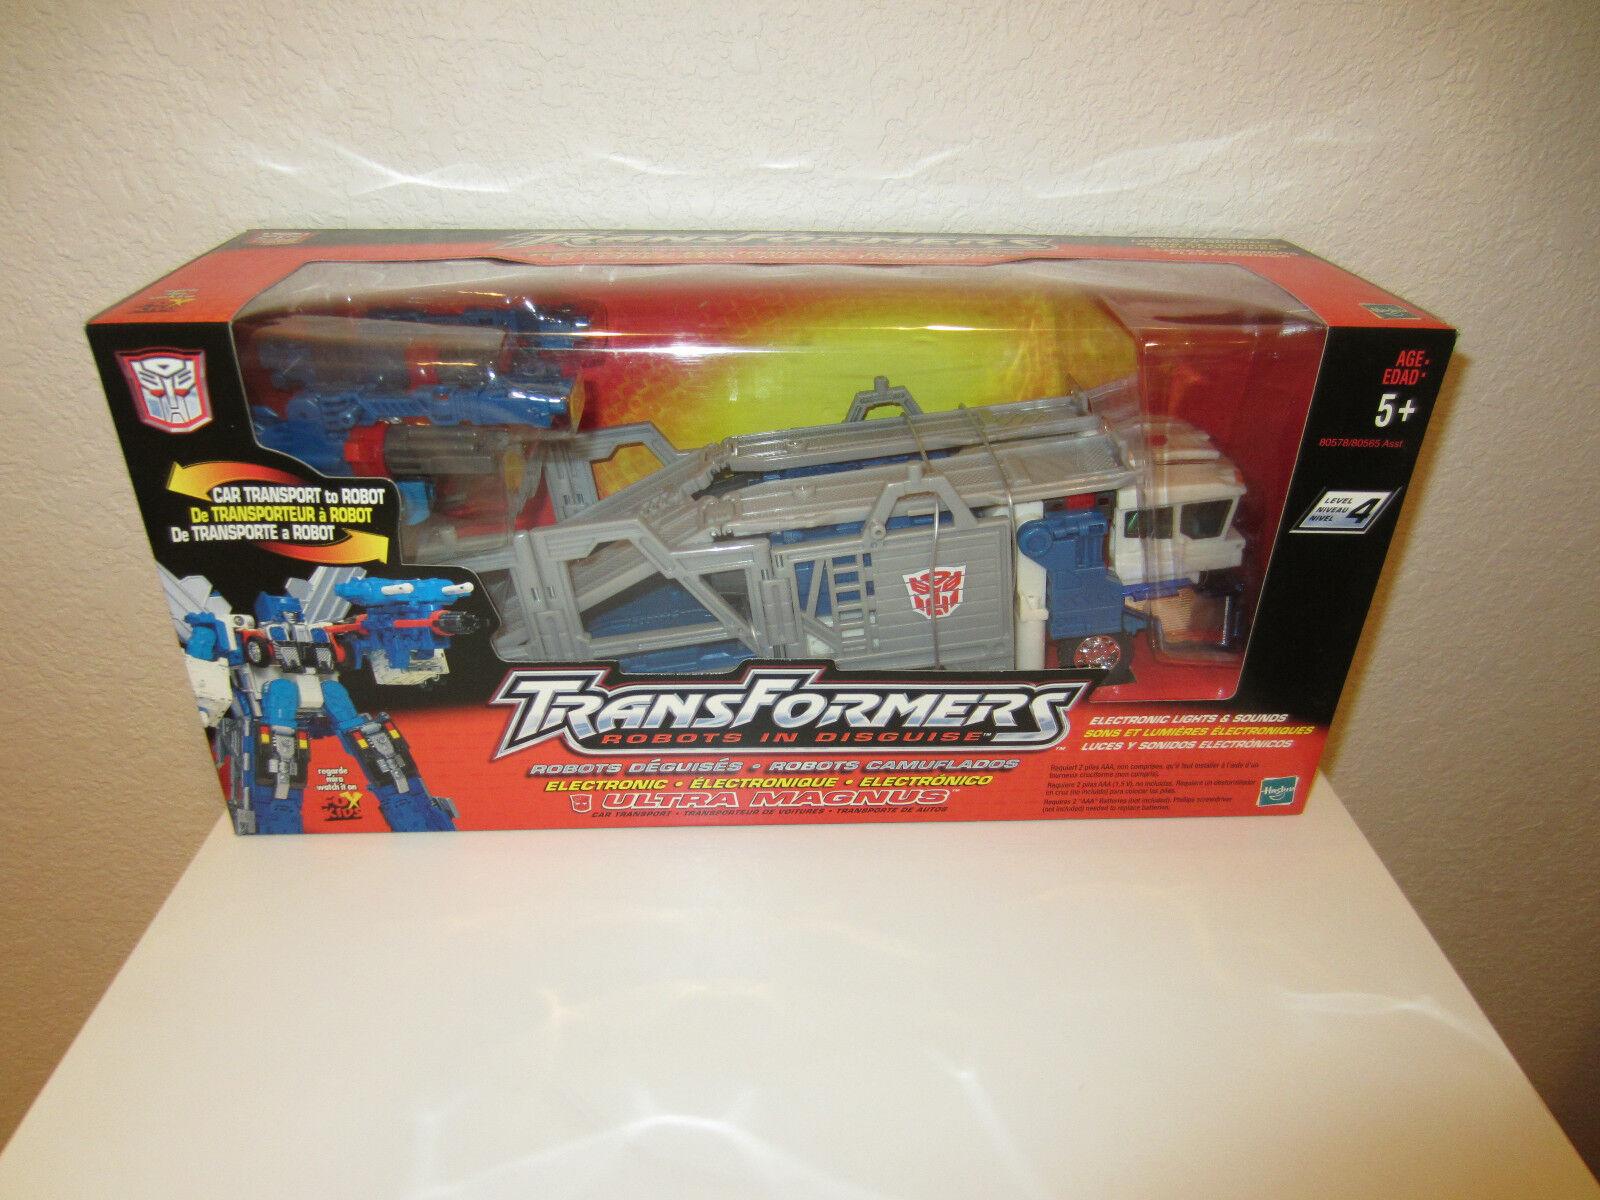 punto de venta de la marca Transformers Rid Ultra Magnus Magnus Magnus Figura De Acción transporte de coche a robot 2001 sin usar y en caja sellada  bajo precio del 40%